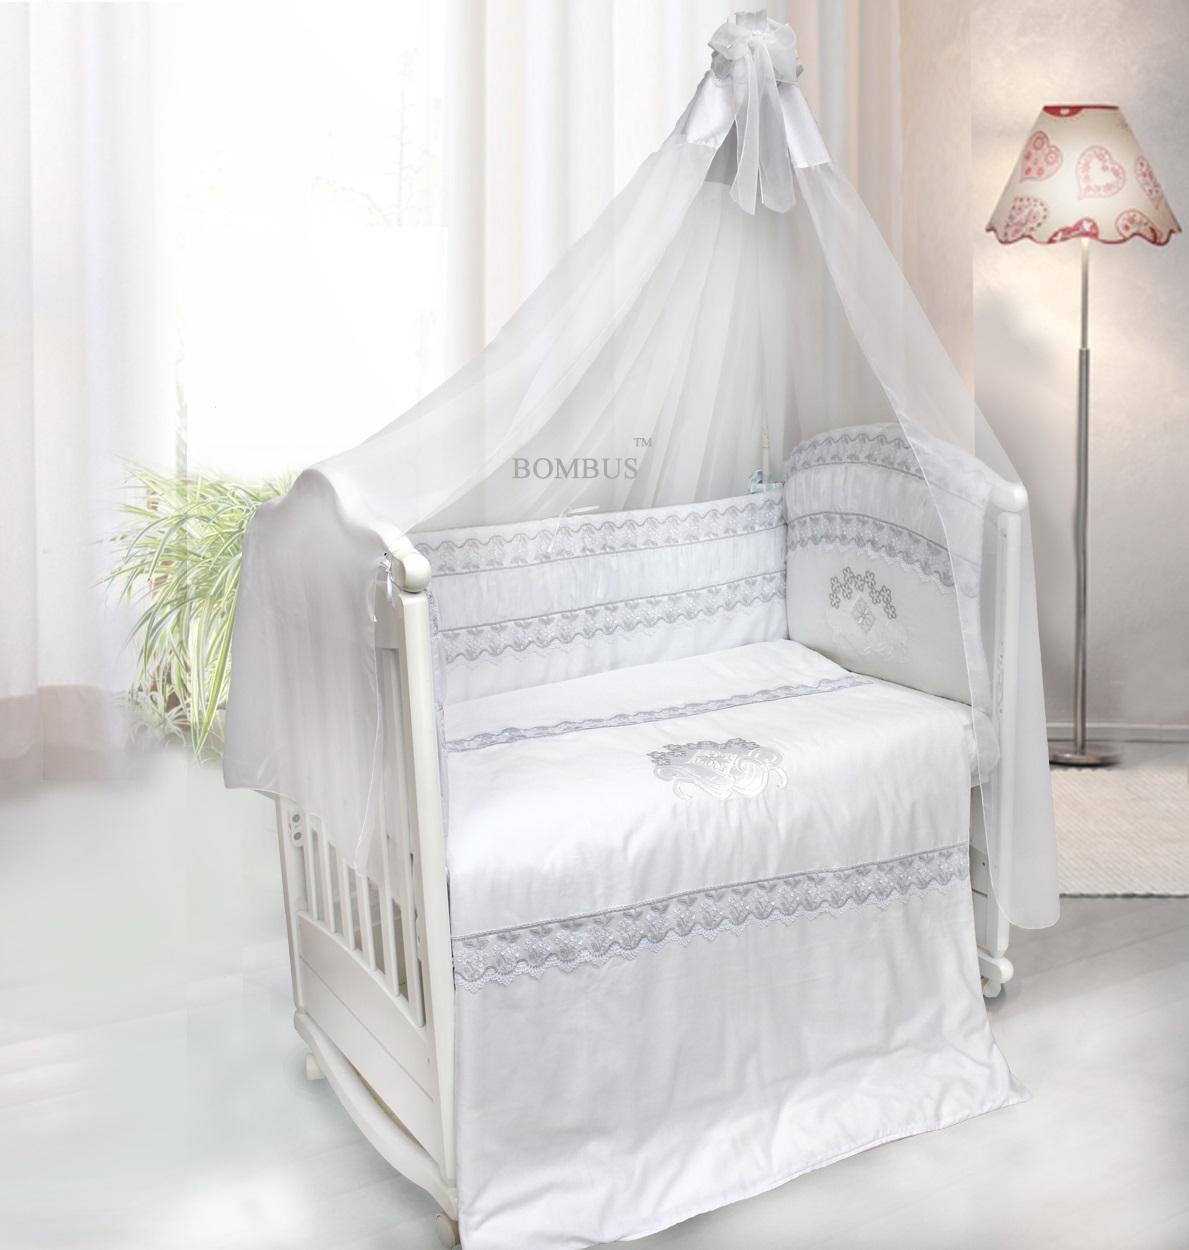 Комплект постельных принадлежностей – Инфанта, 7 предметов, цвет - белыйДетское постельное белье<br>Комплект постельных принадлежностей – Инфанта, 7 предметов, цвет - белый<br>